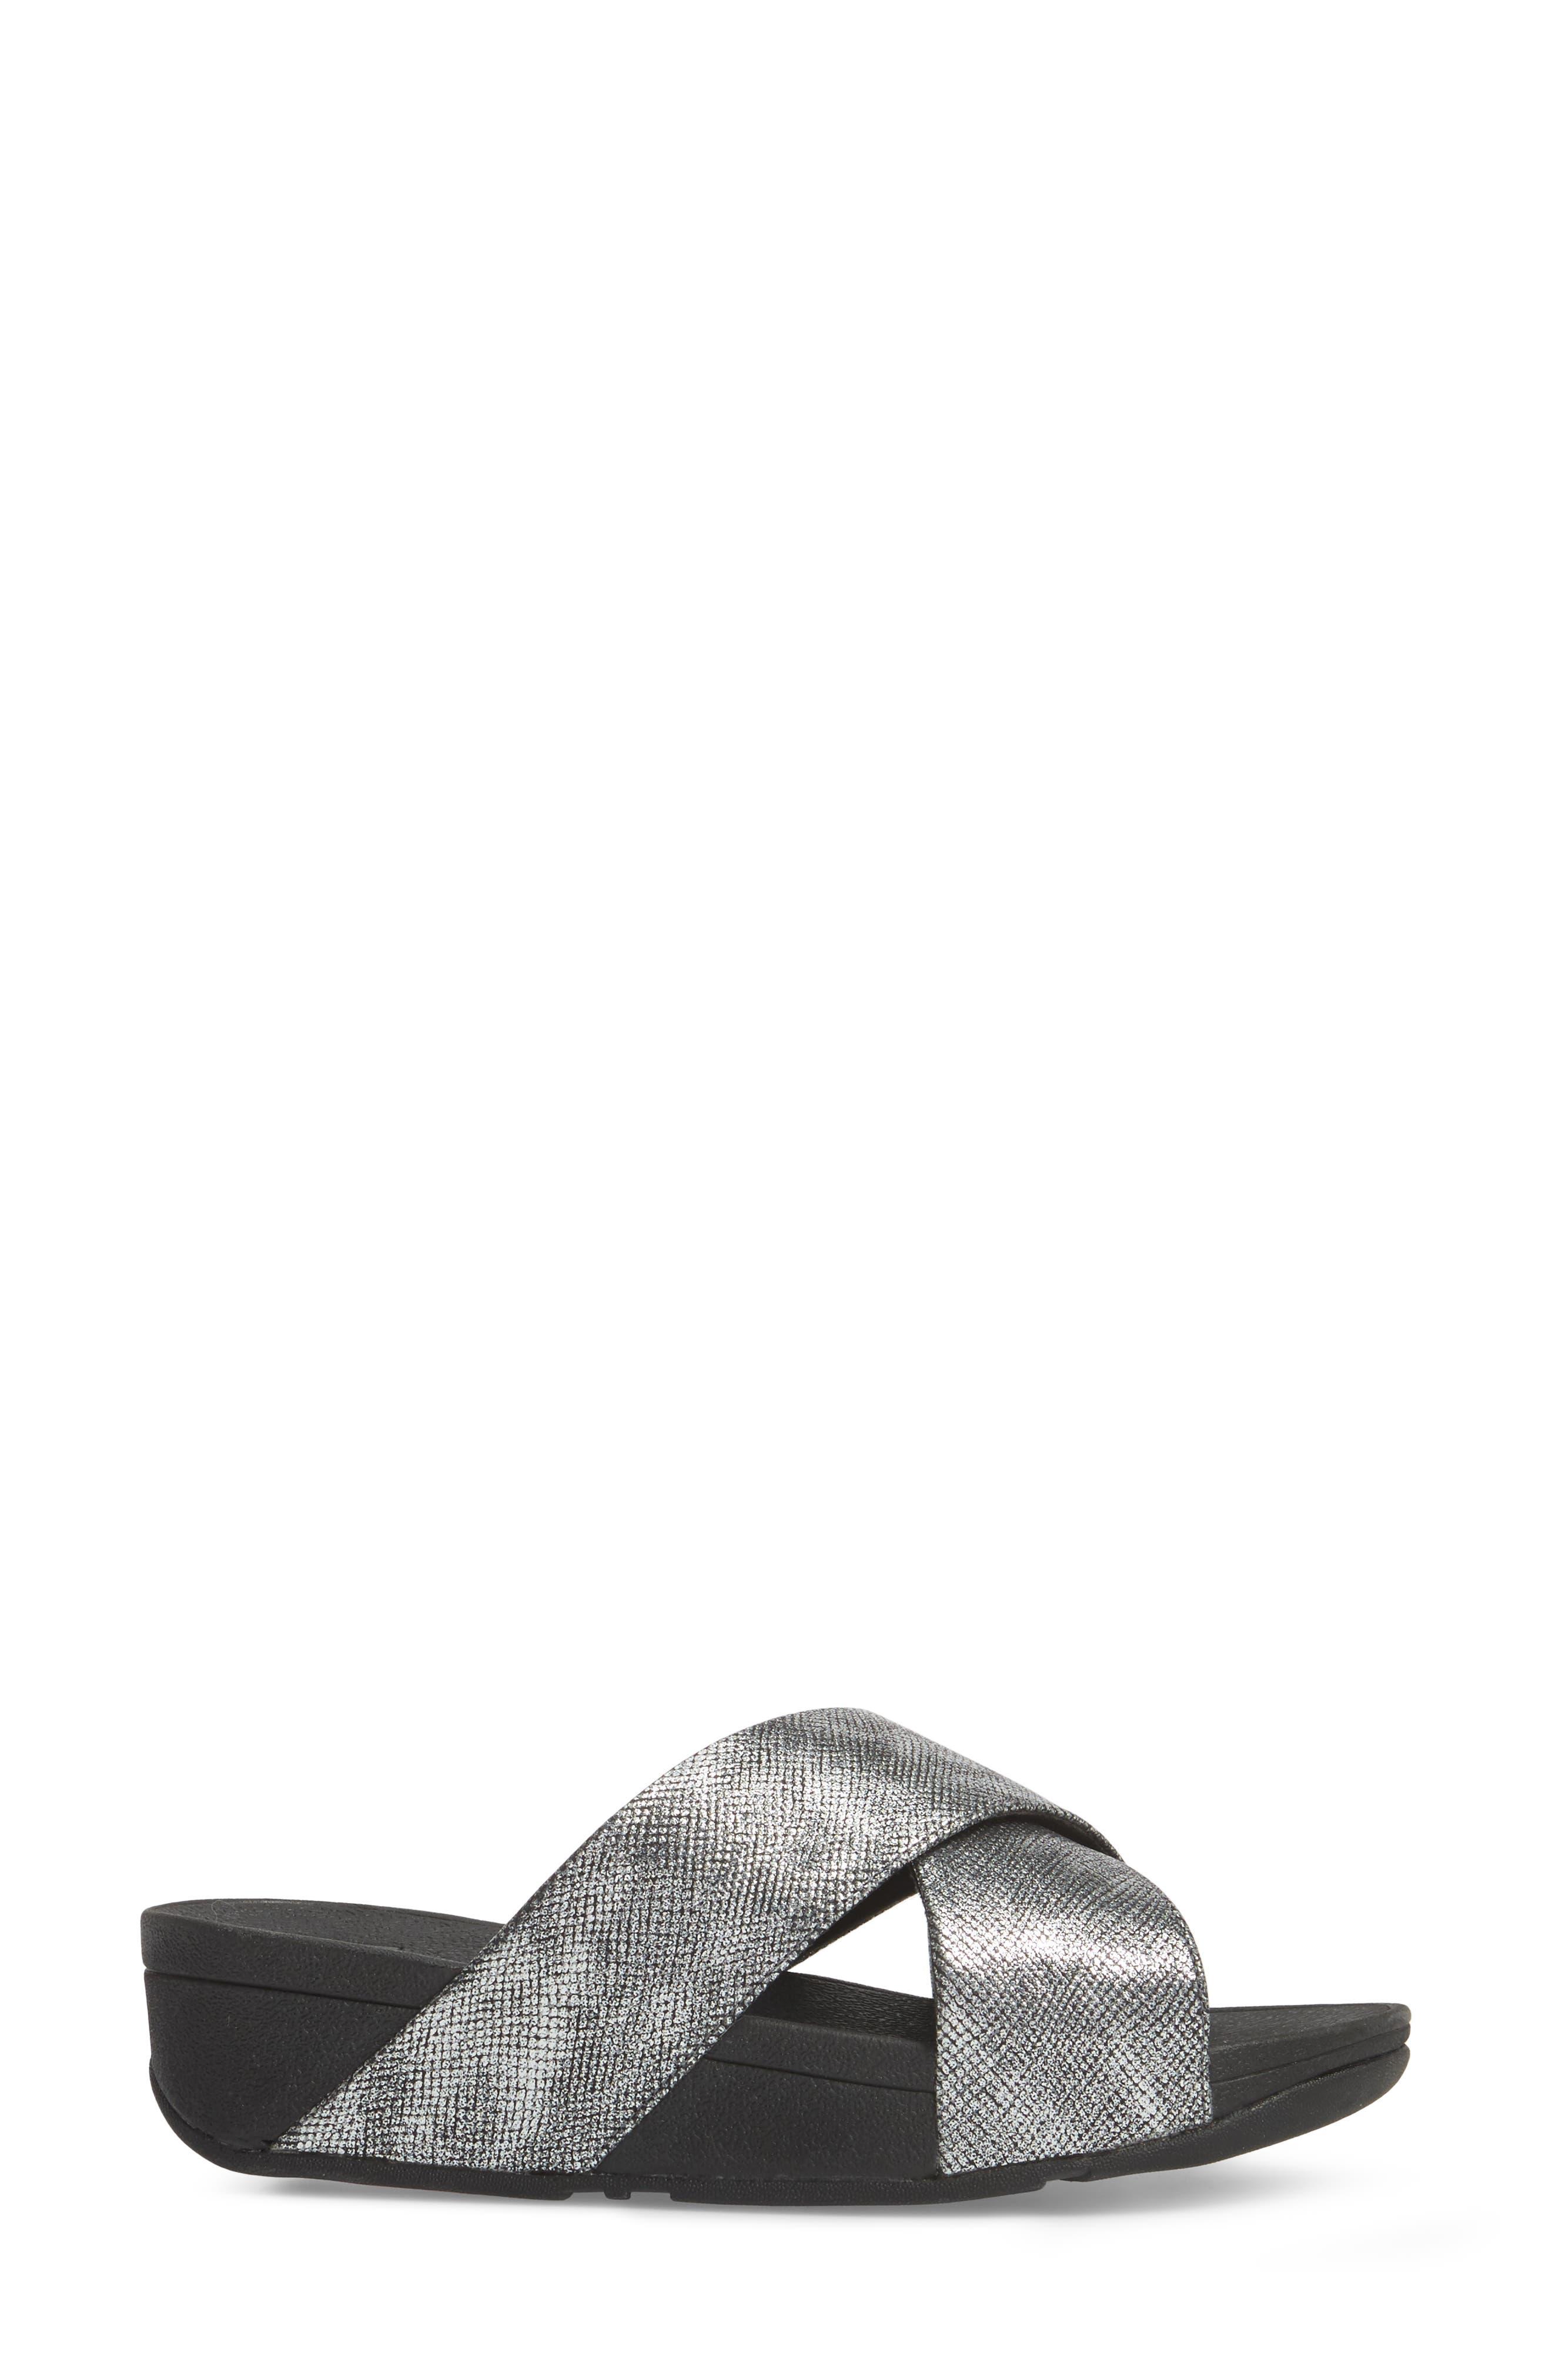 Lulu Cross Slide Sandal,                             Alternate thumbnail 3, color,                             BLACK SHIMMER PRINT